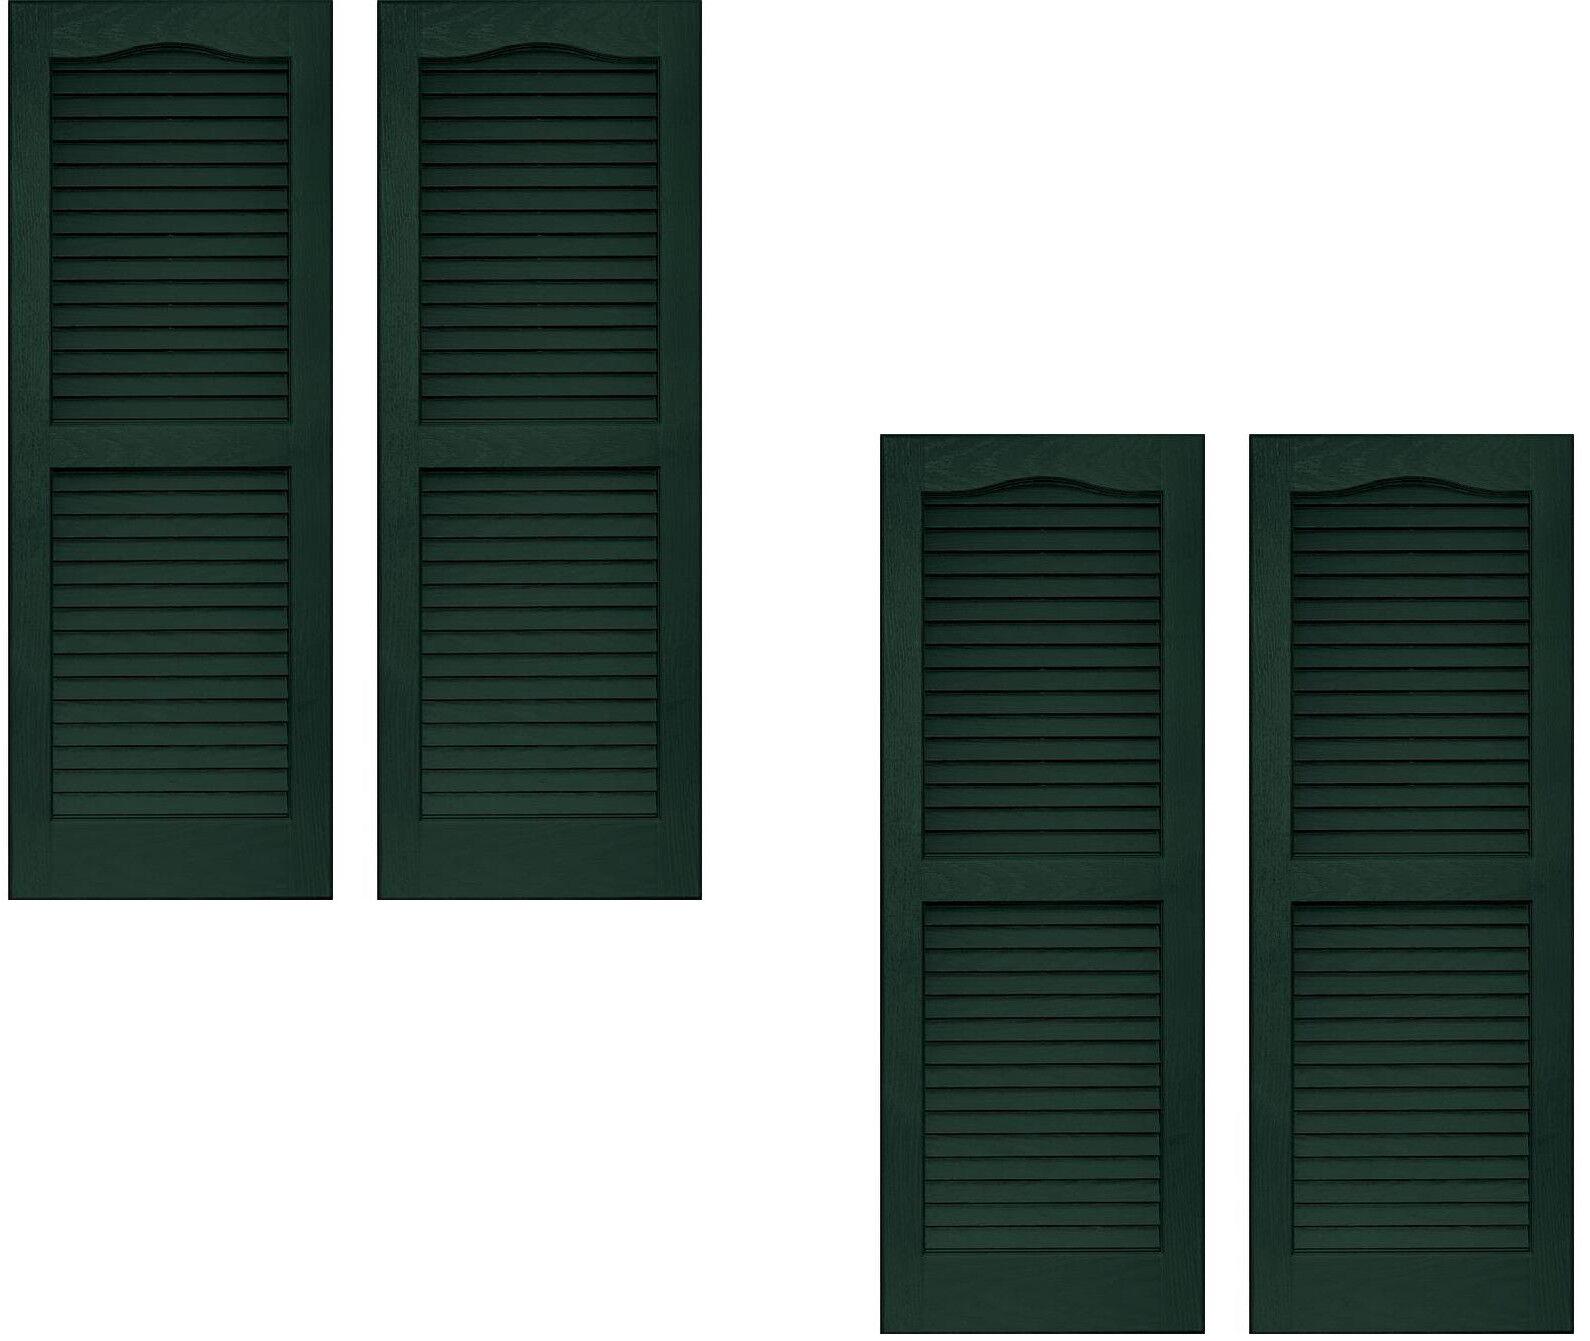 Juego de 4 persianas Vantage exterior Rejilla arco 14 X 59 Vinilo medianoche verde EE. UU.